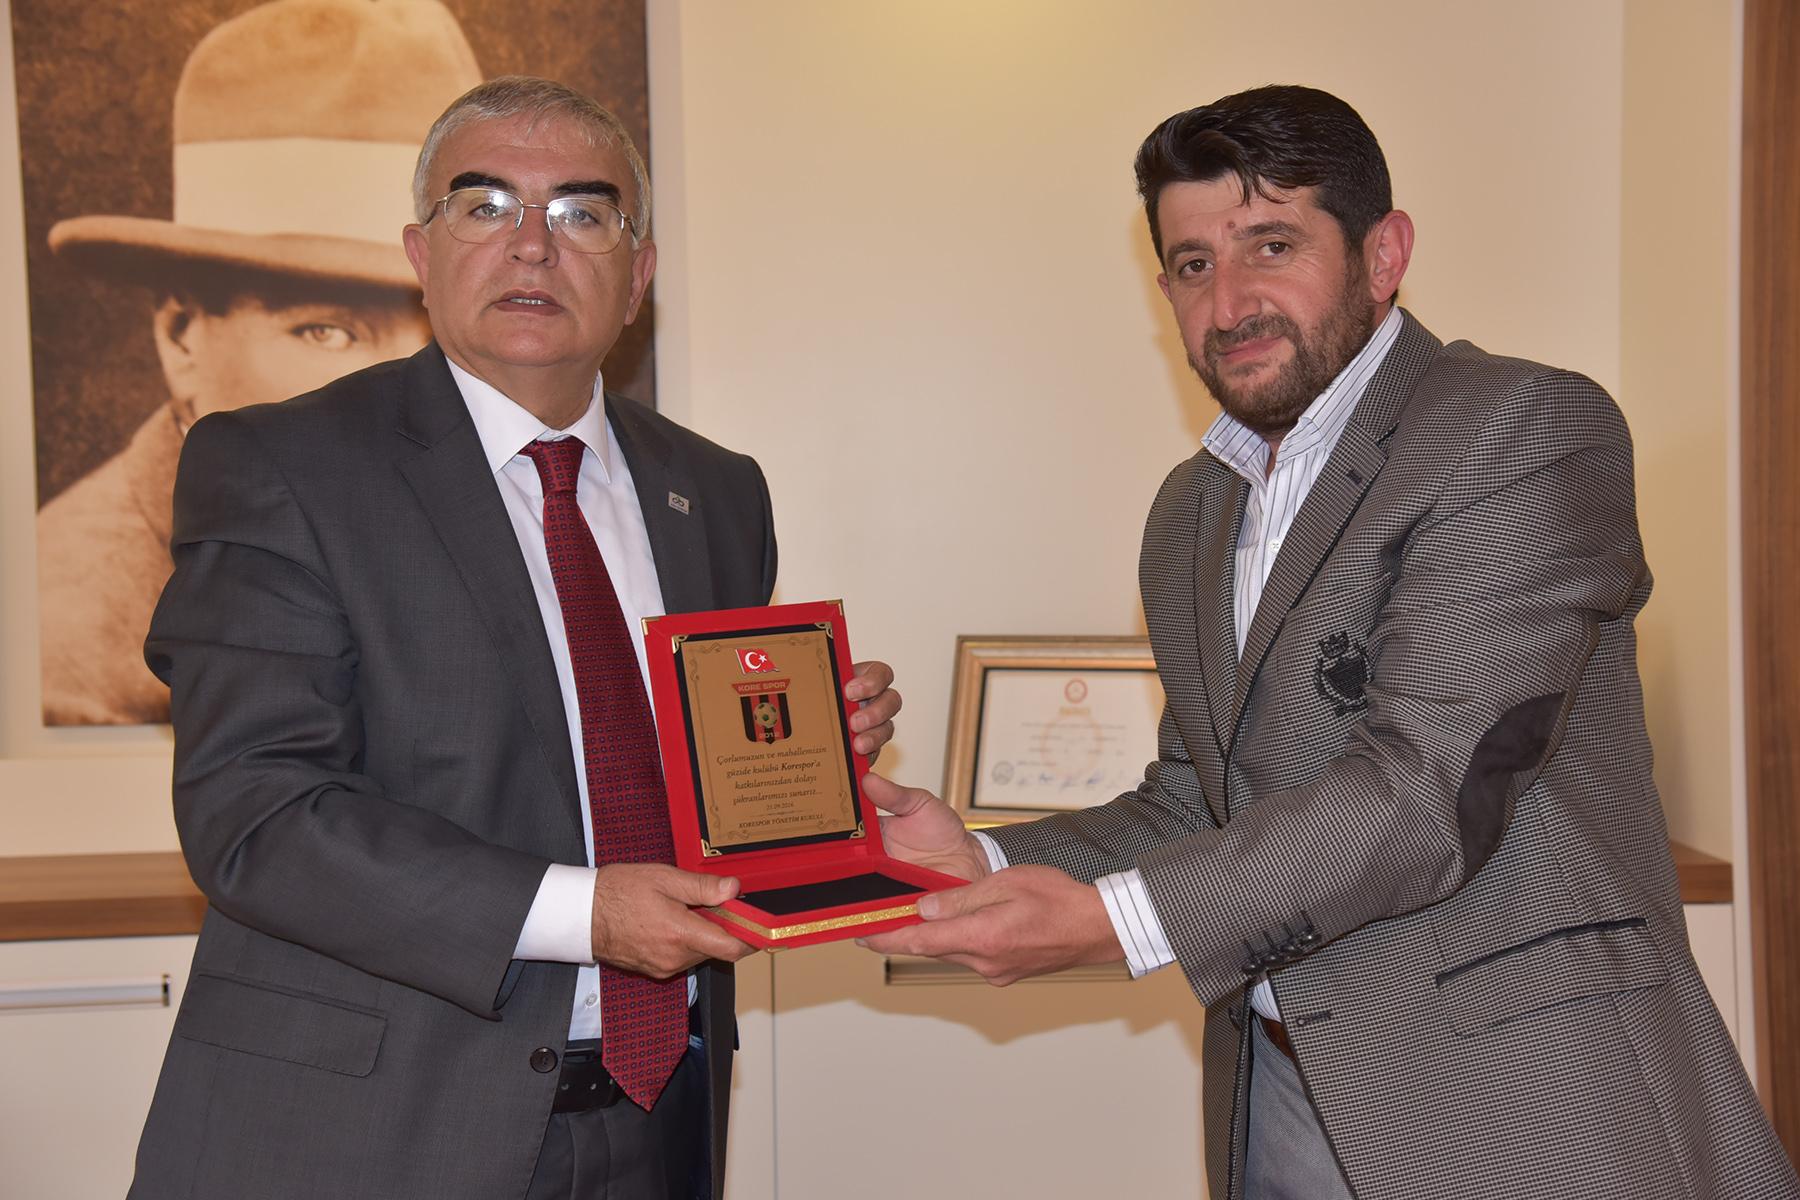 Korespor'dan Başkan Baysan'a Teşekkür Ziyareti